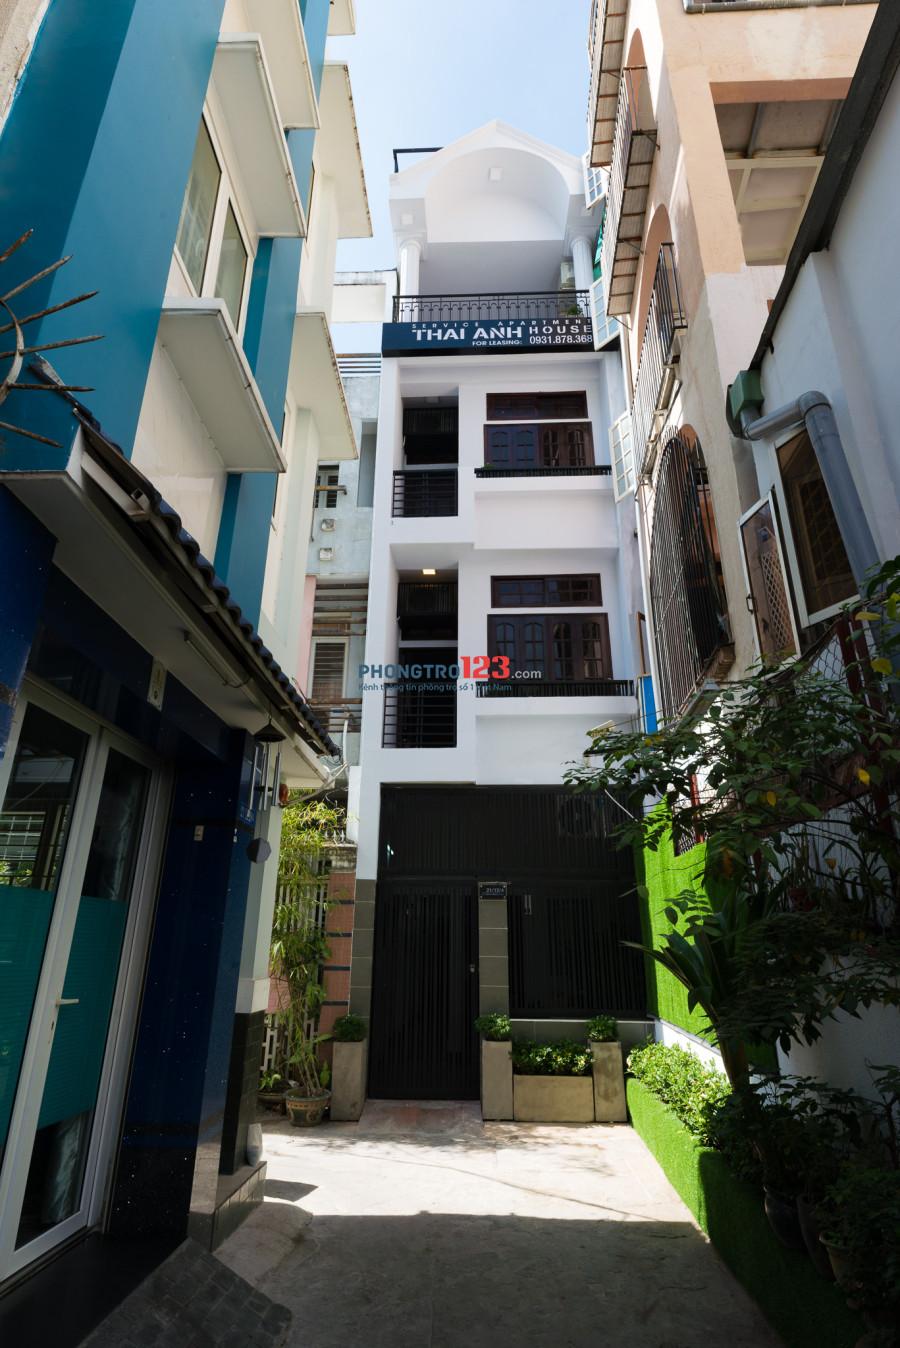 Mới xây dựng- Full nội thất cao cấp gần Chợ Tân Định, Q1